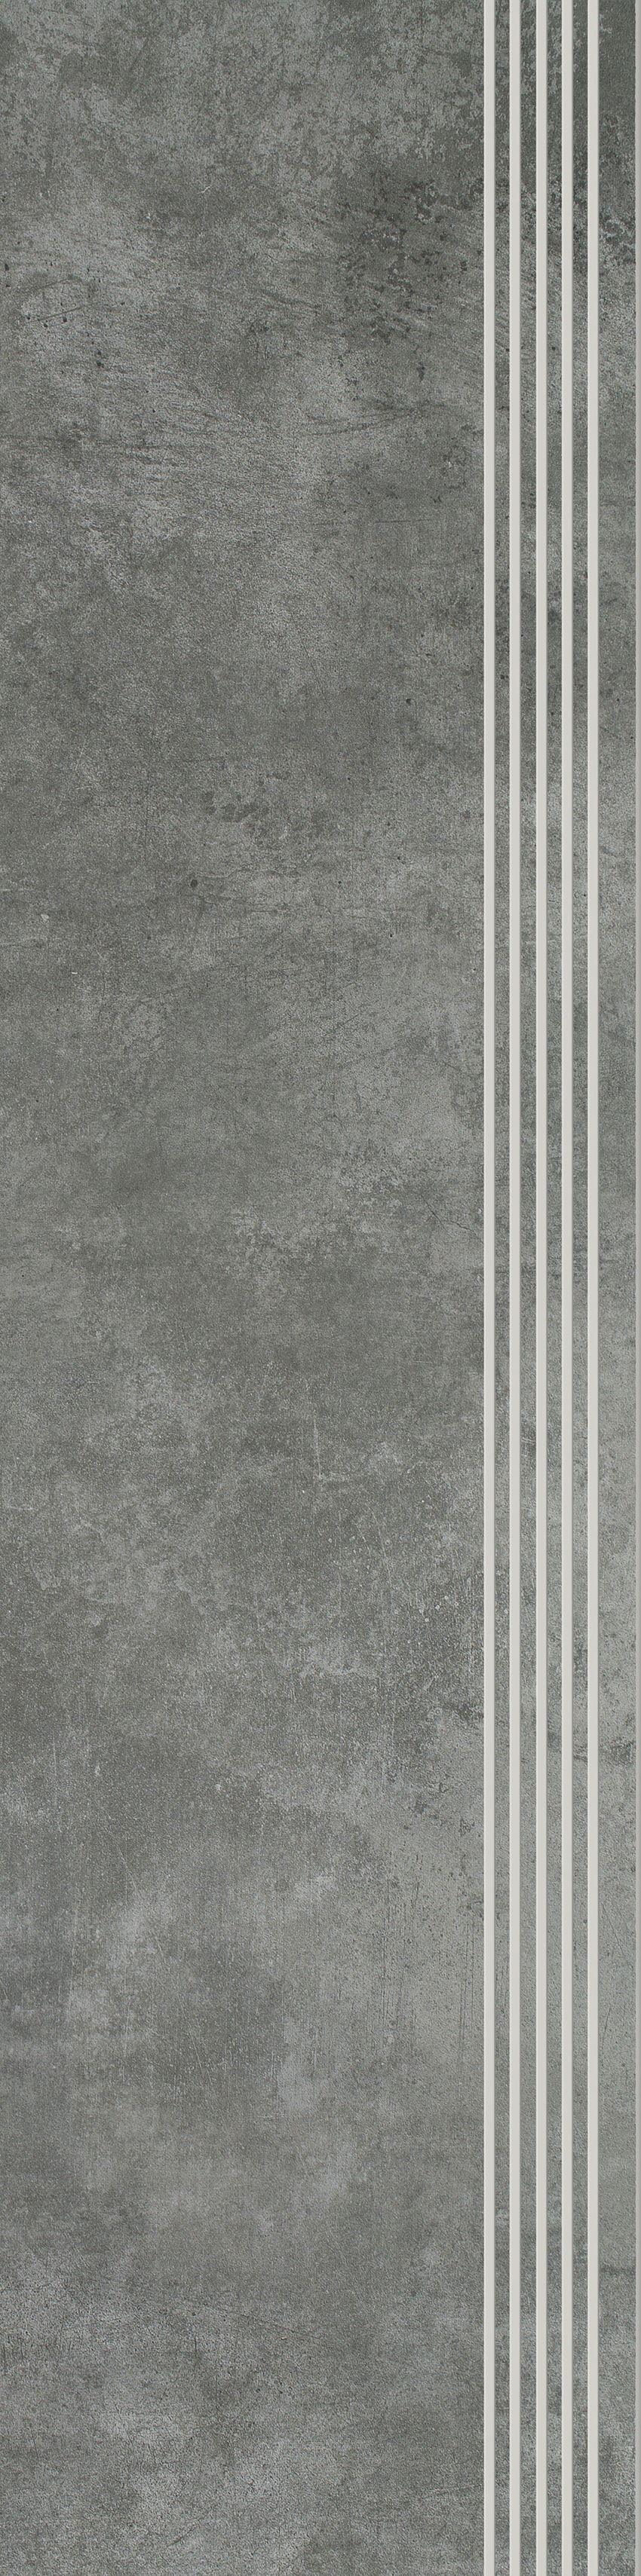 Płytka stopnicowa 29,8x119,8 cm Paradyż Scratch Nero Stopnica Prosta Nacinana Półpoler